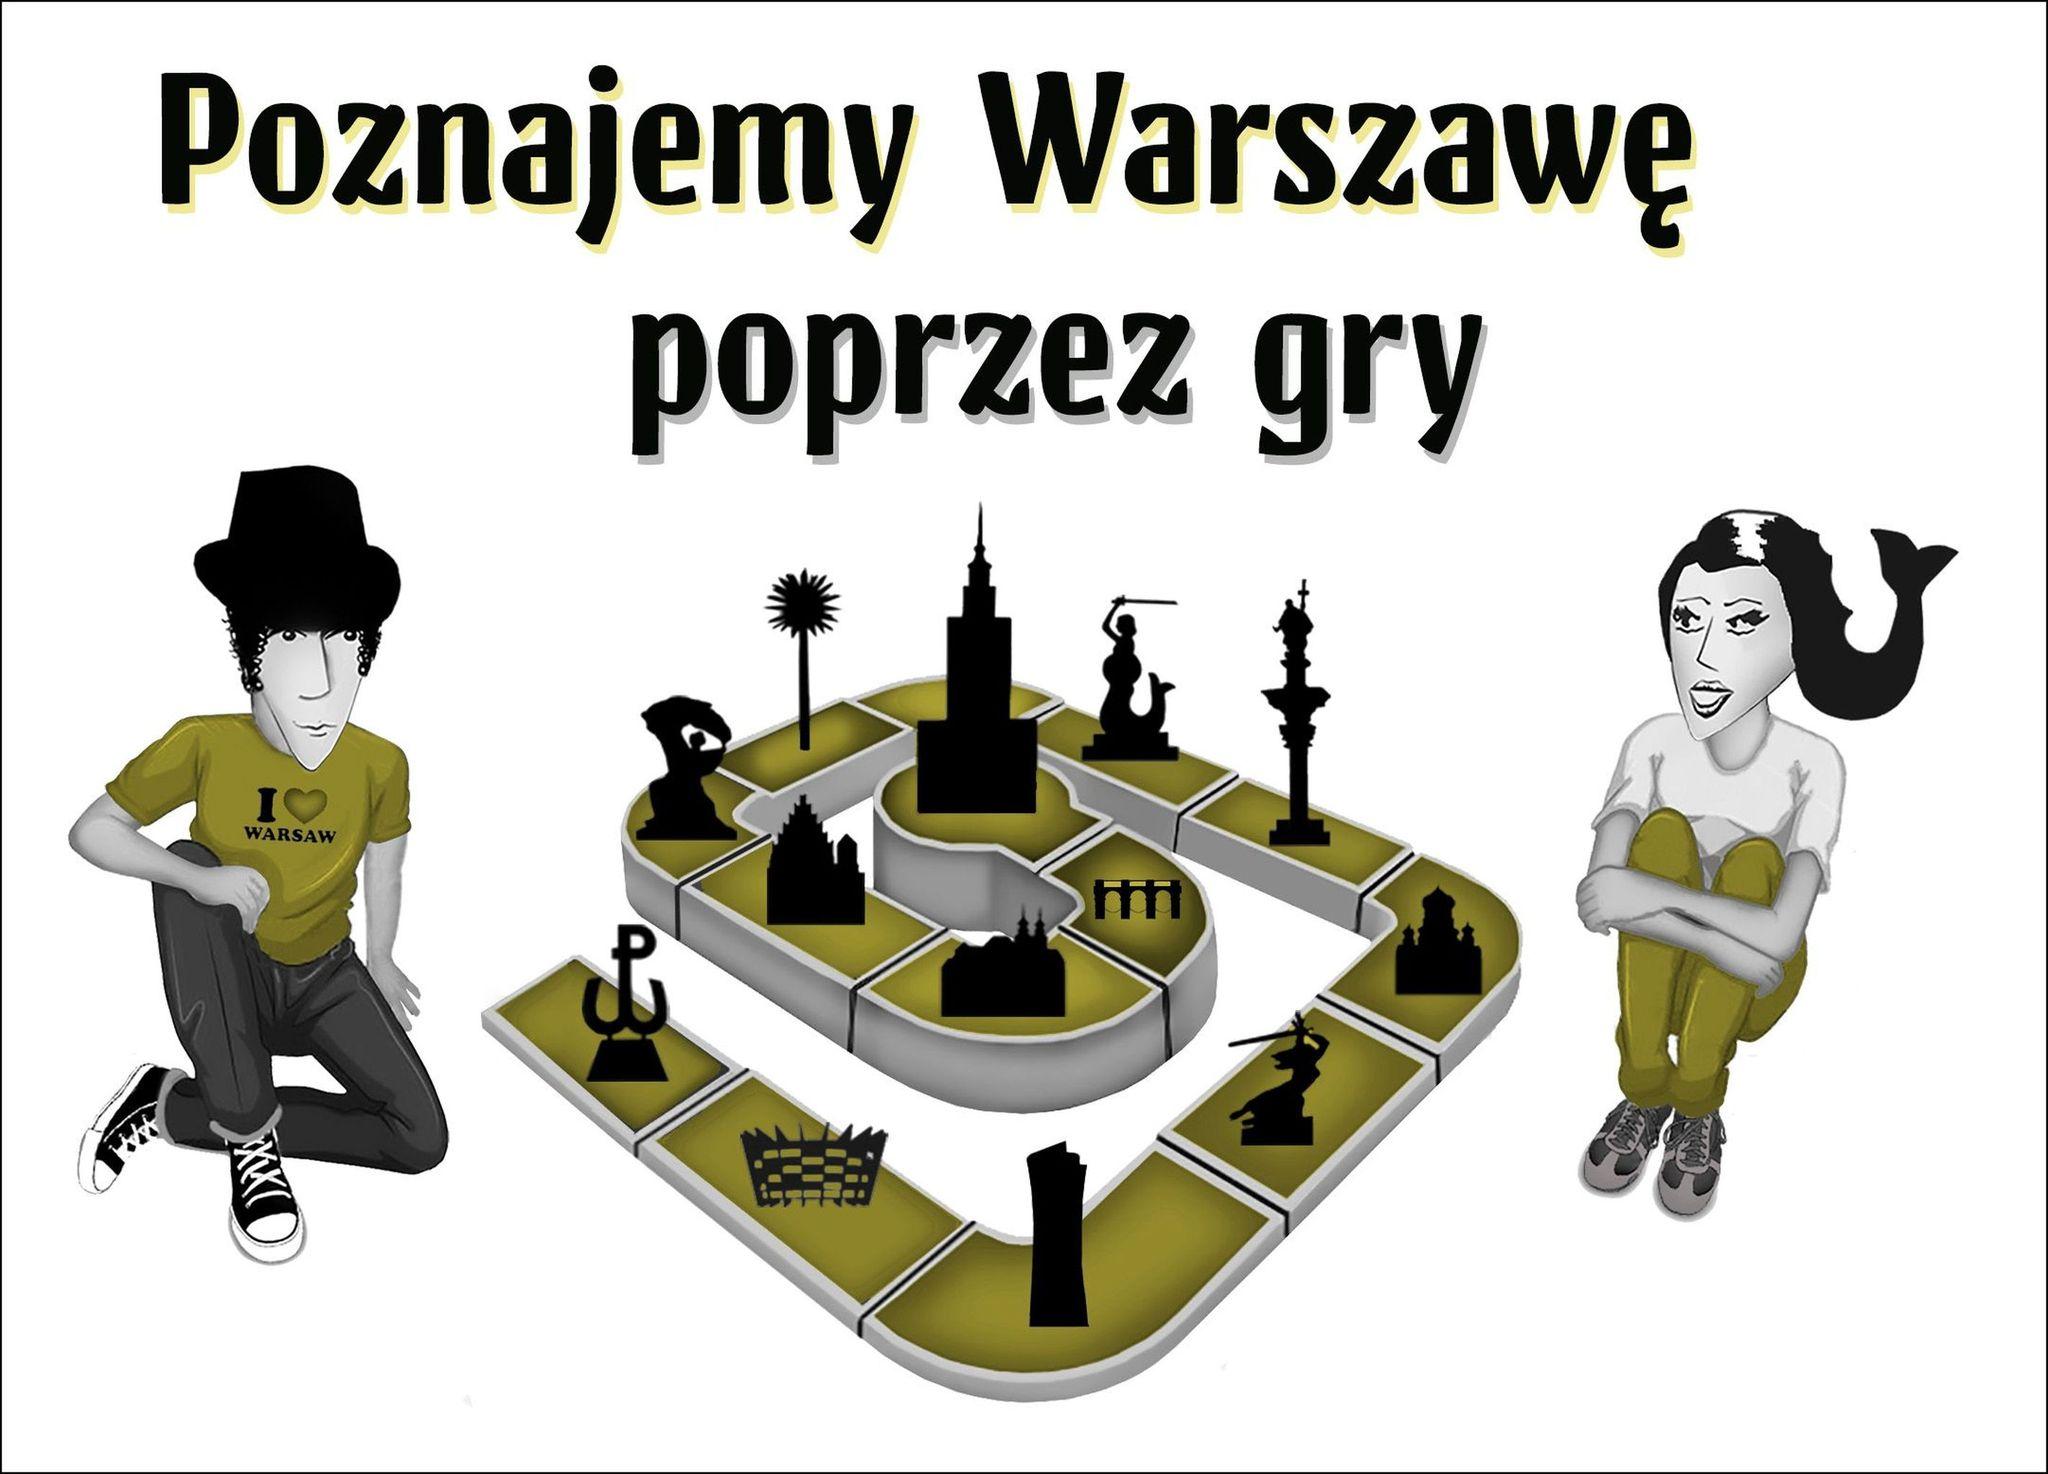 Poznajemy Warszawę poprzez gry